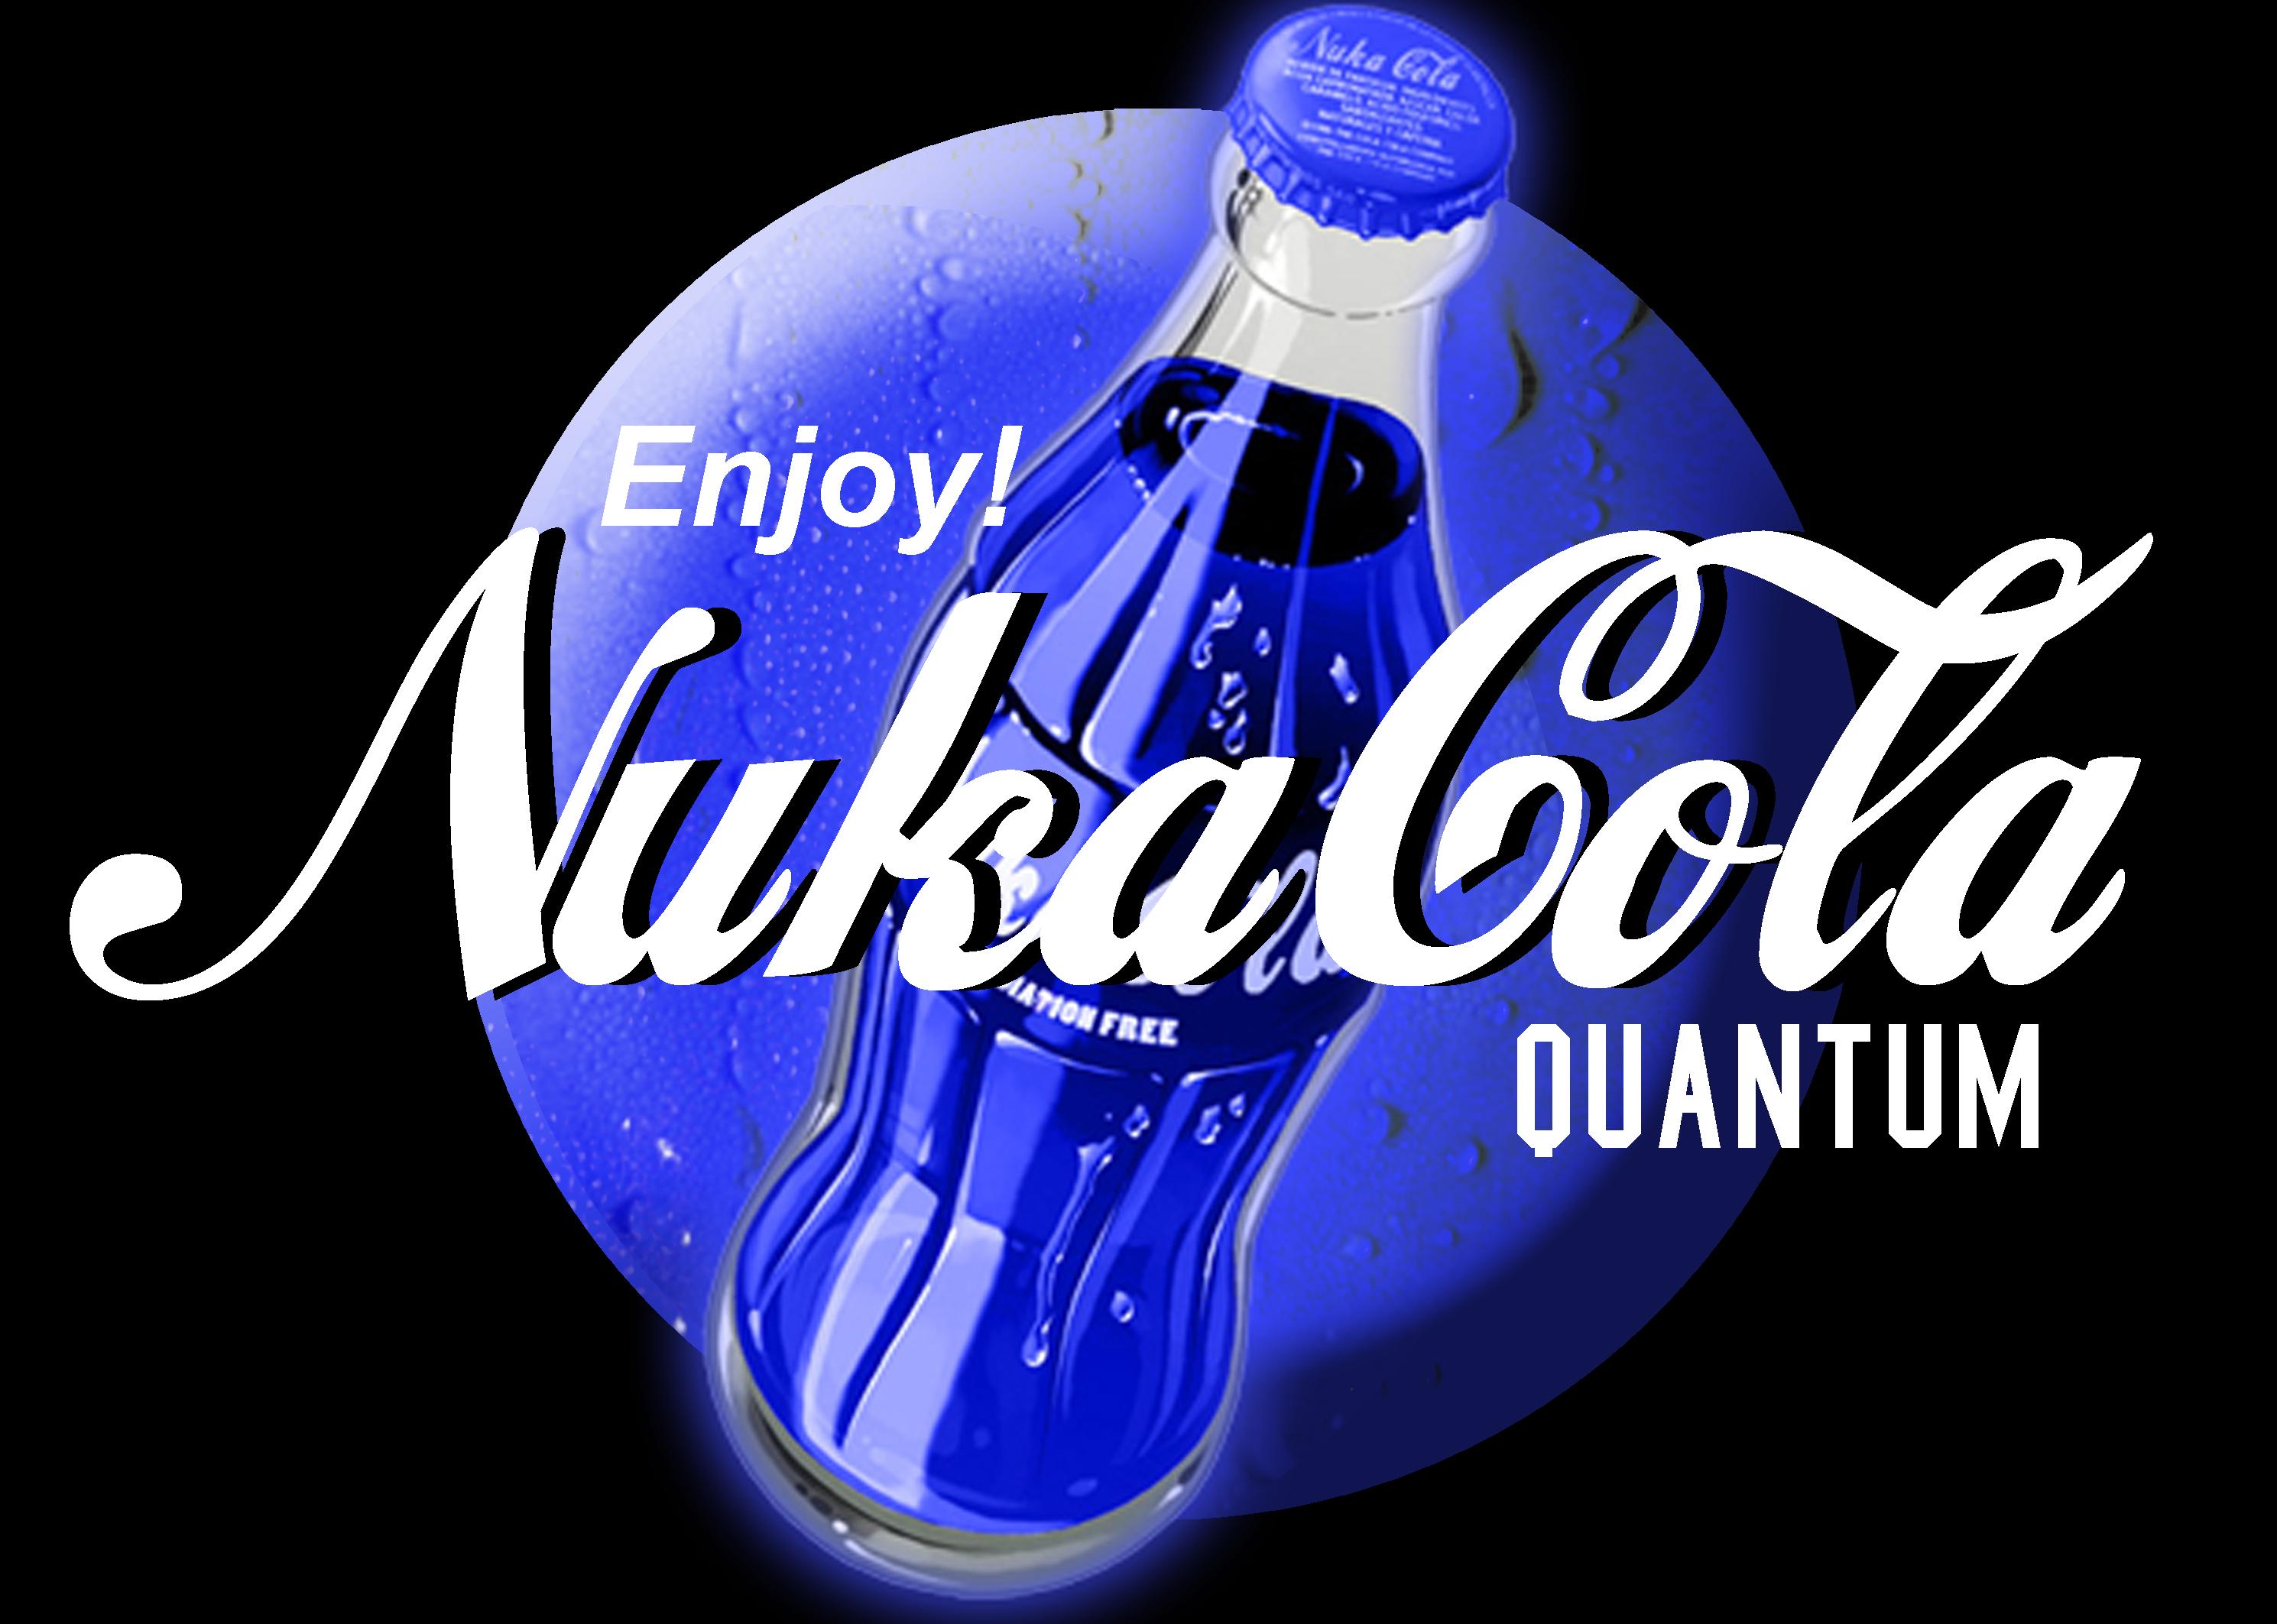 Nuka Cola Wallpaper Hd Download